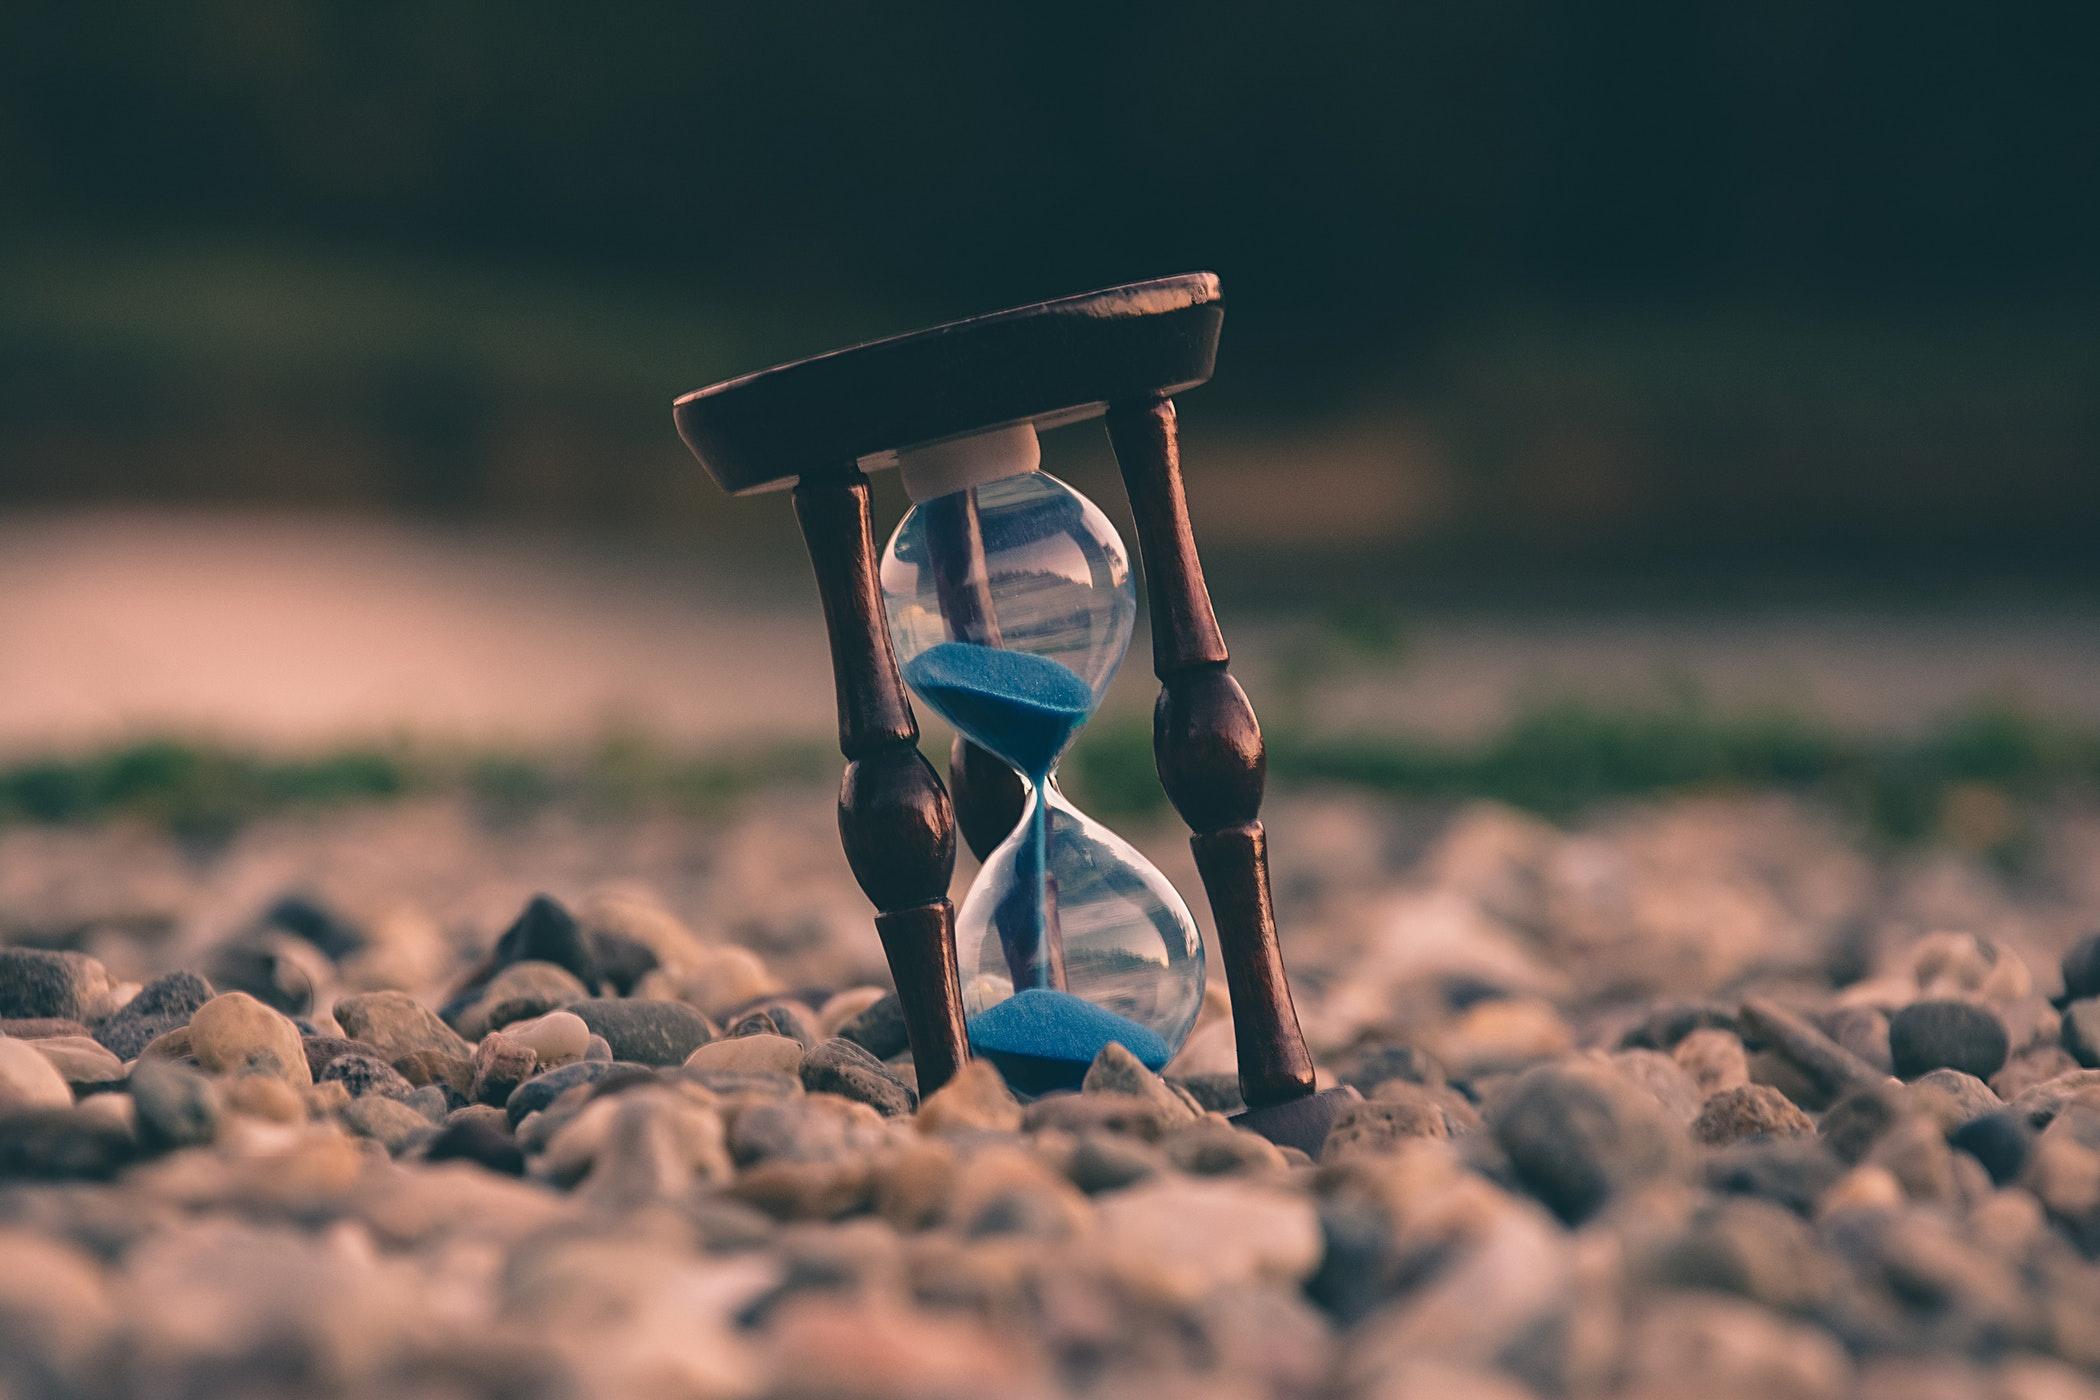 место, картинки на рабочий песочные часы гостей